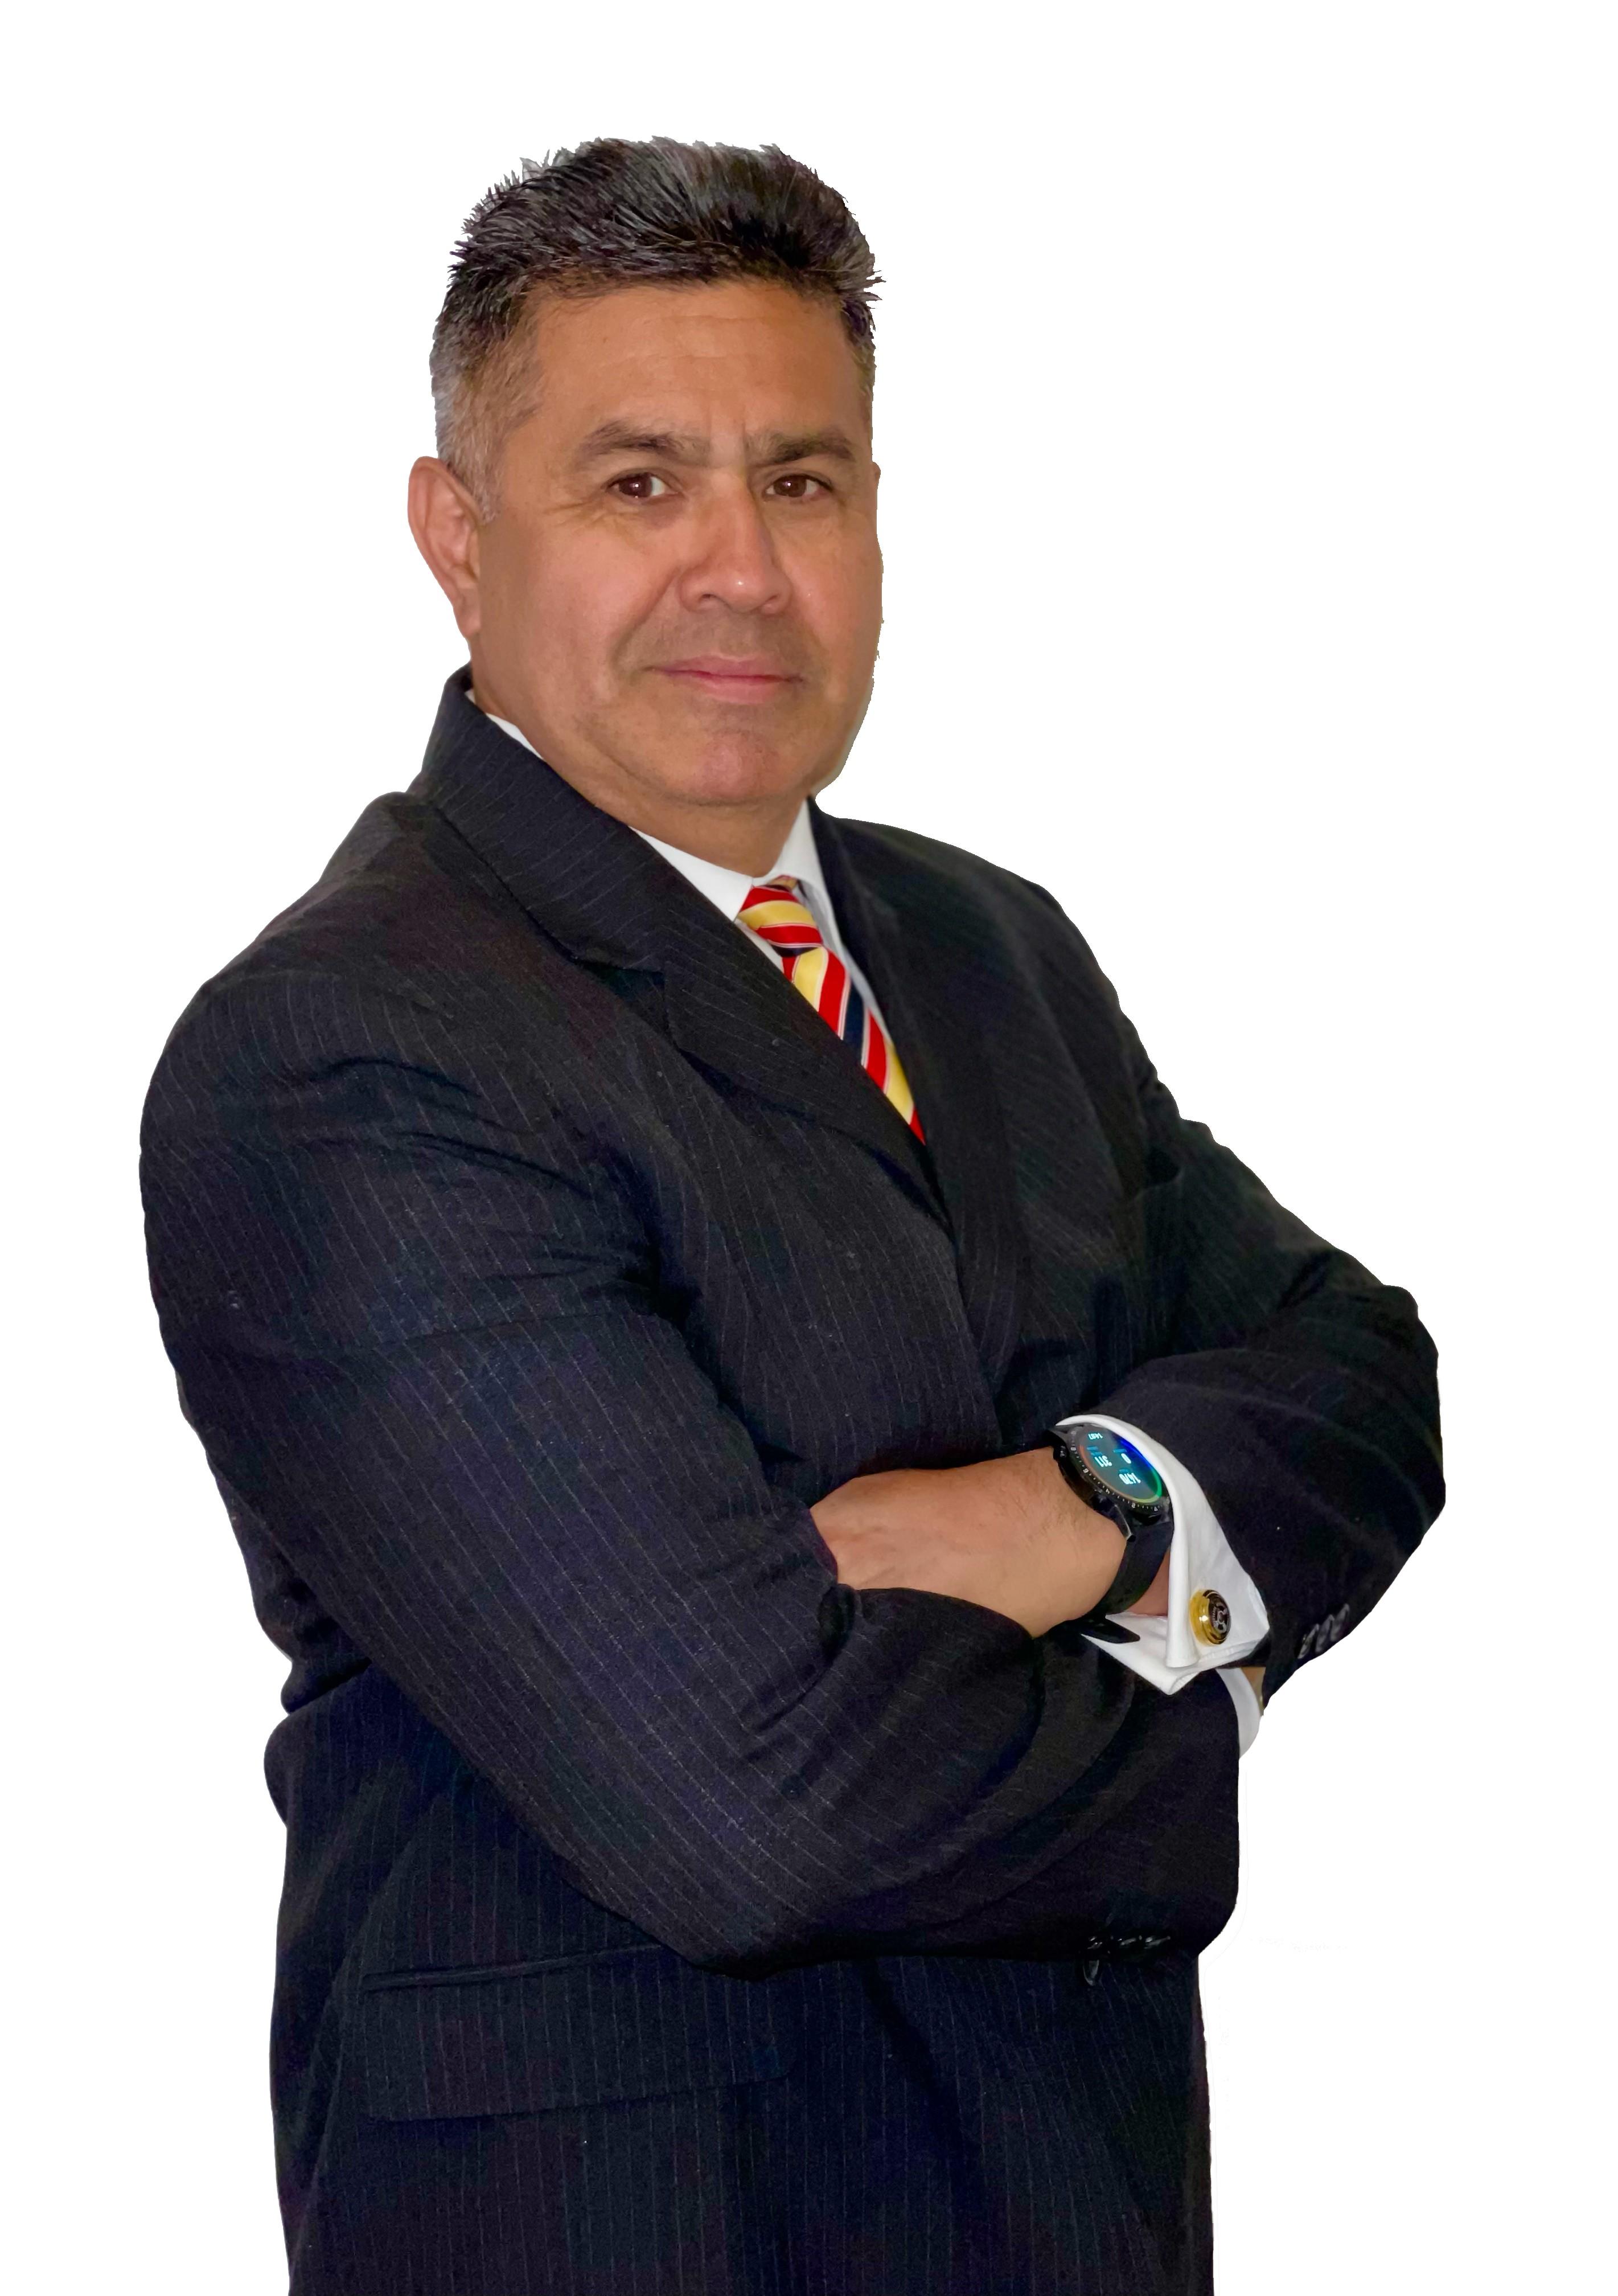 Omer Darío Antonio Guerere Rosales